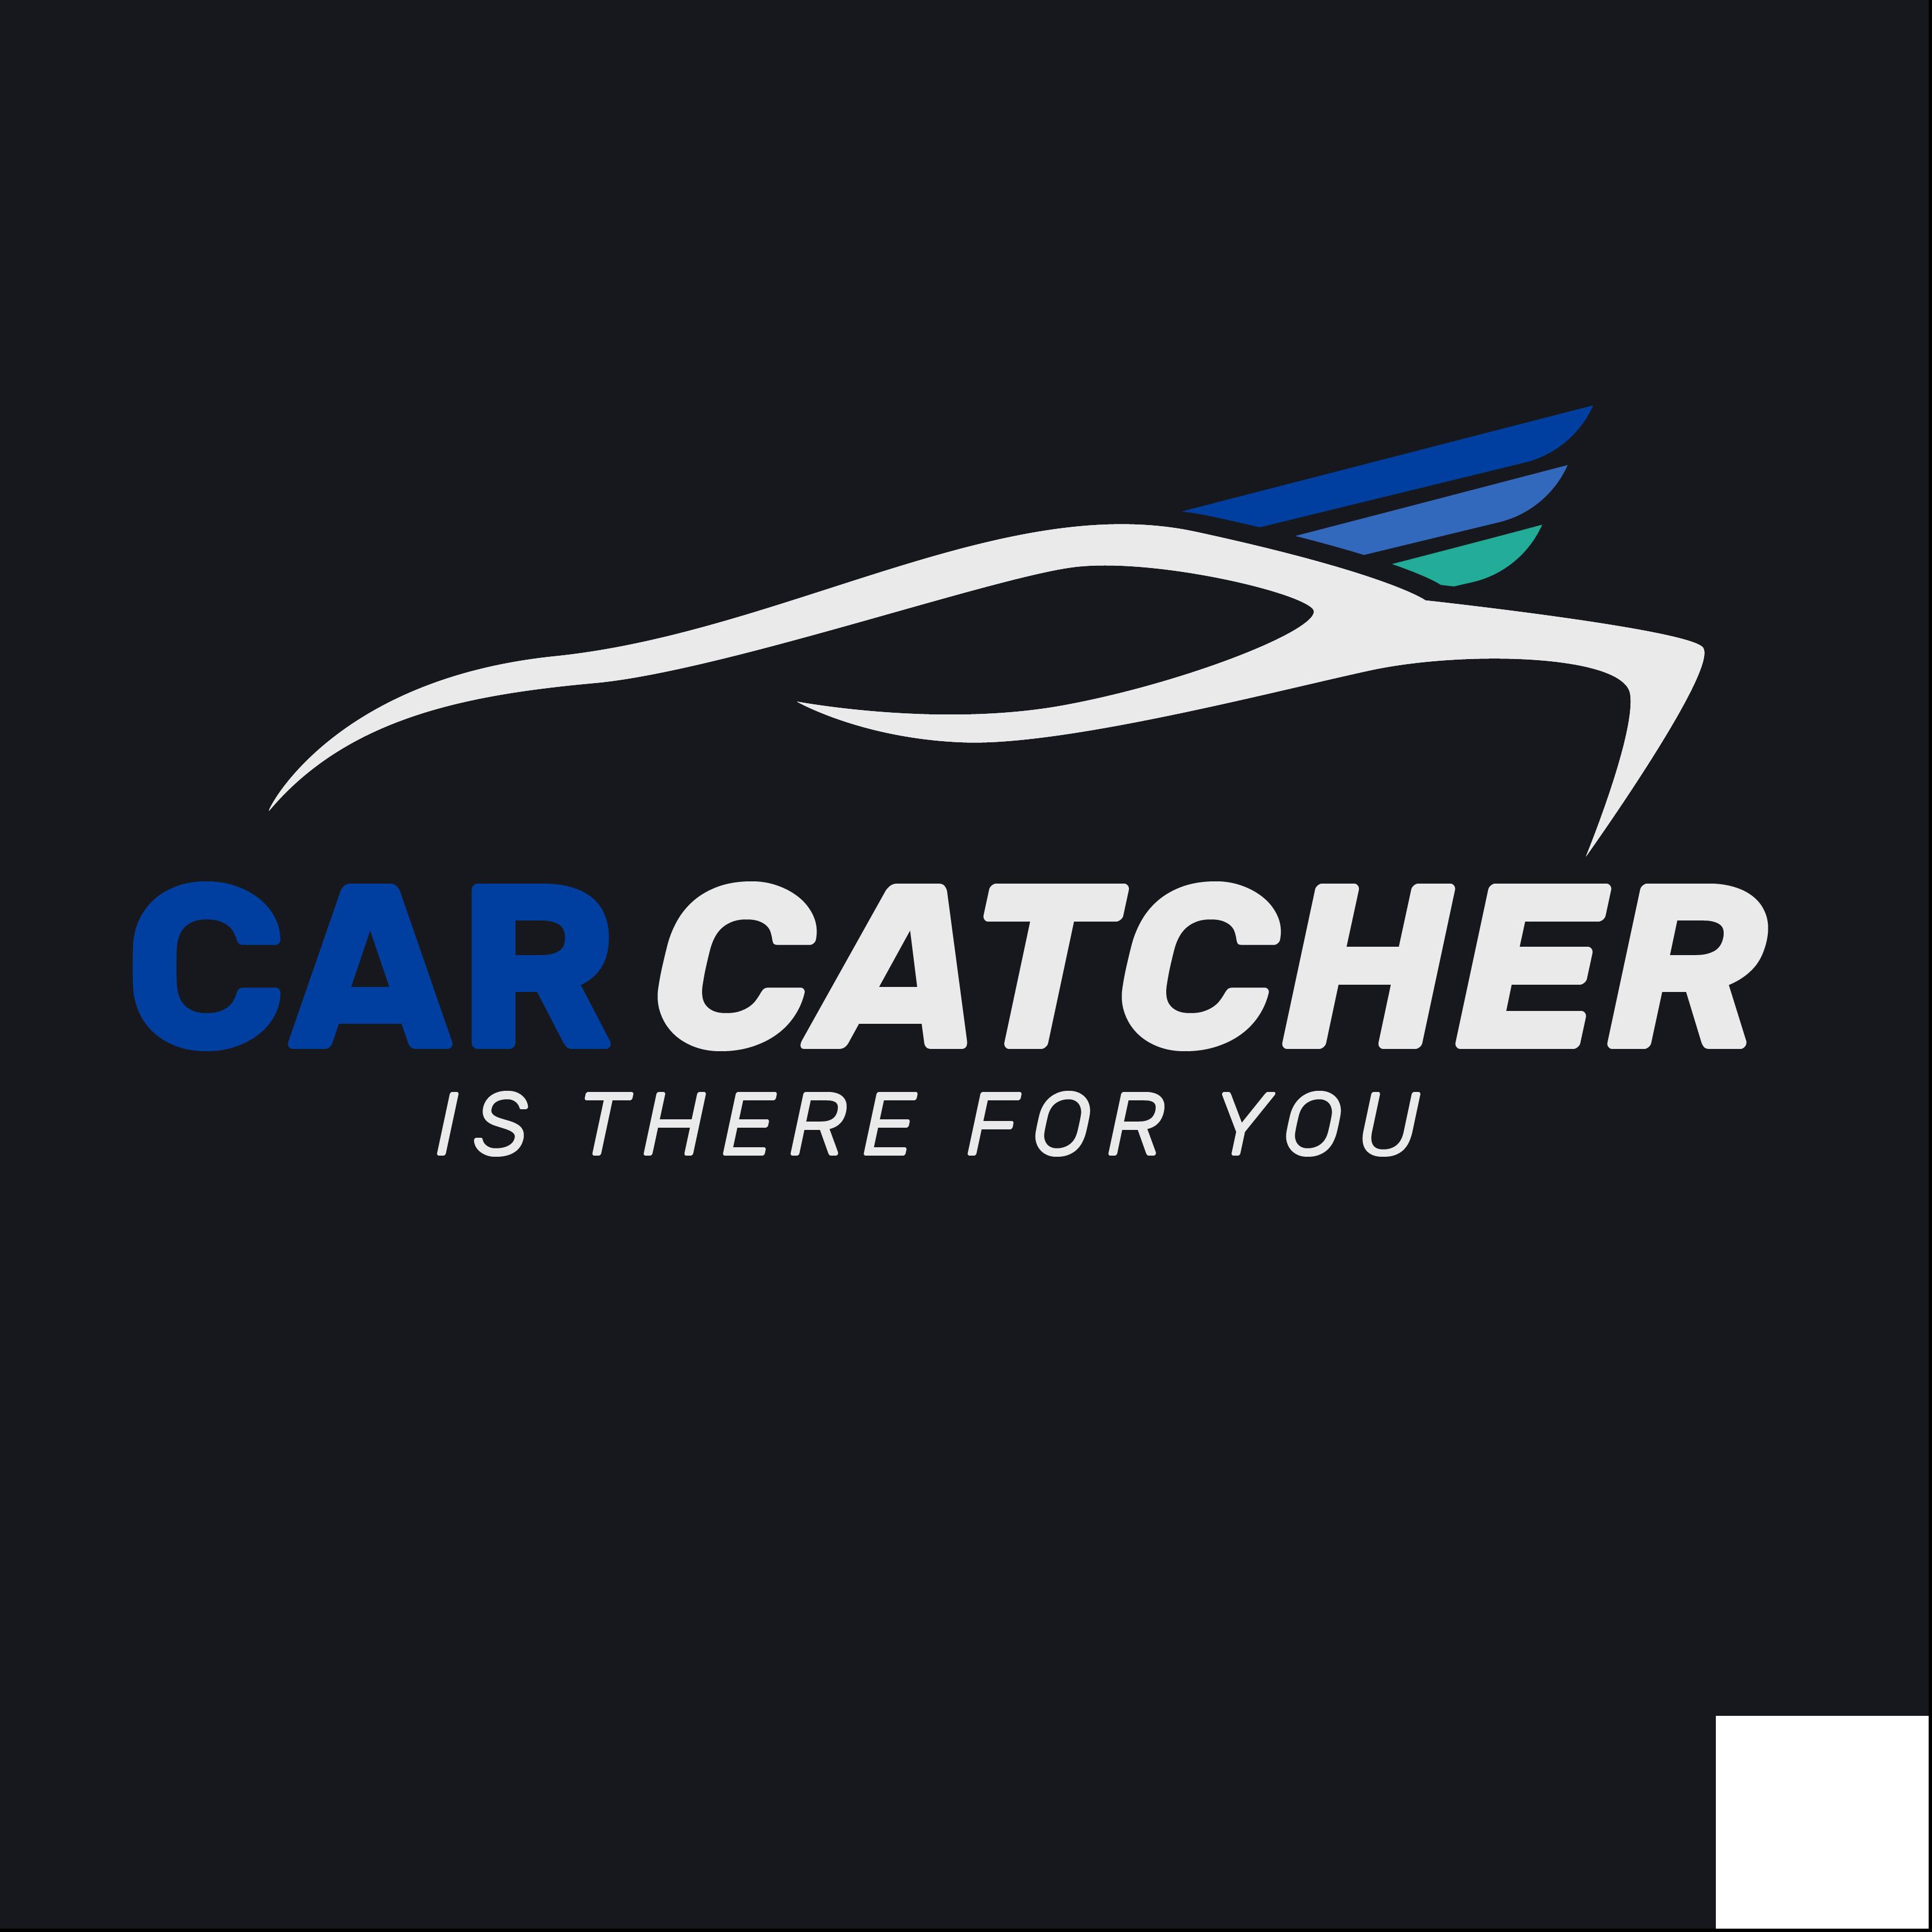 CarCatcher